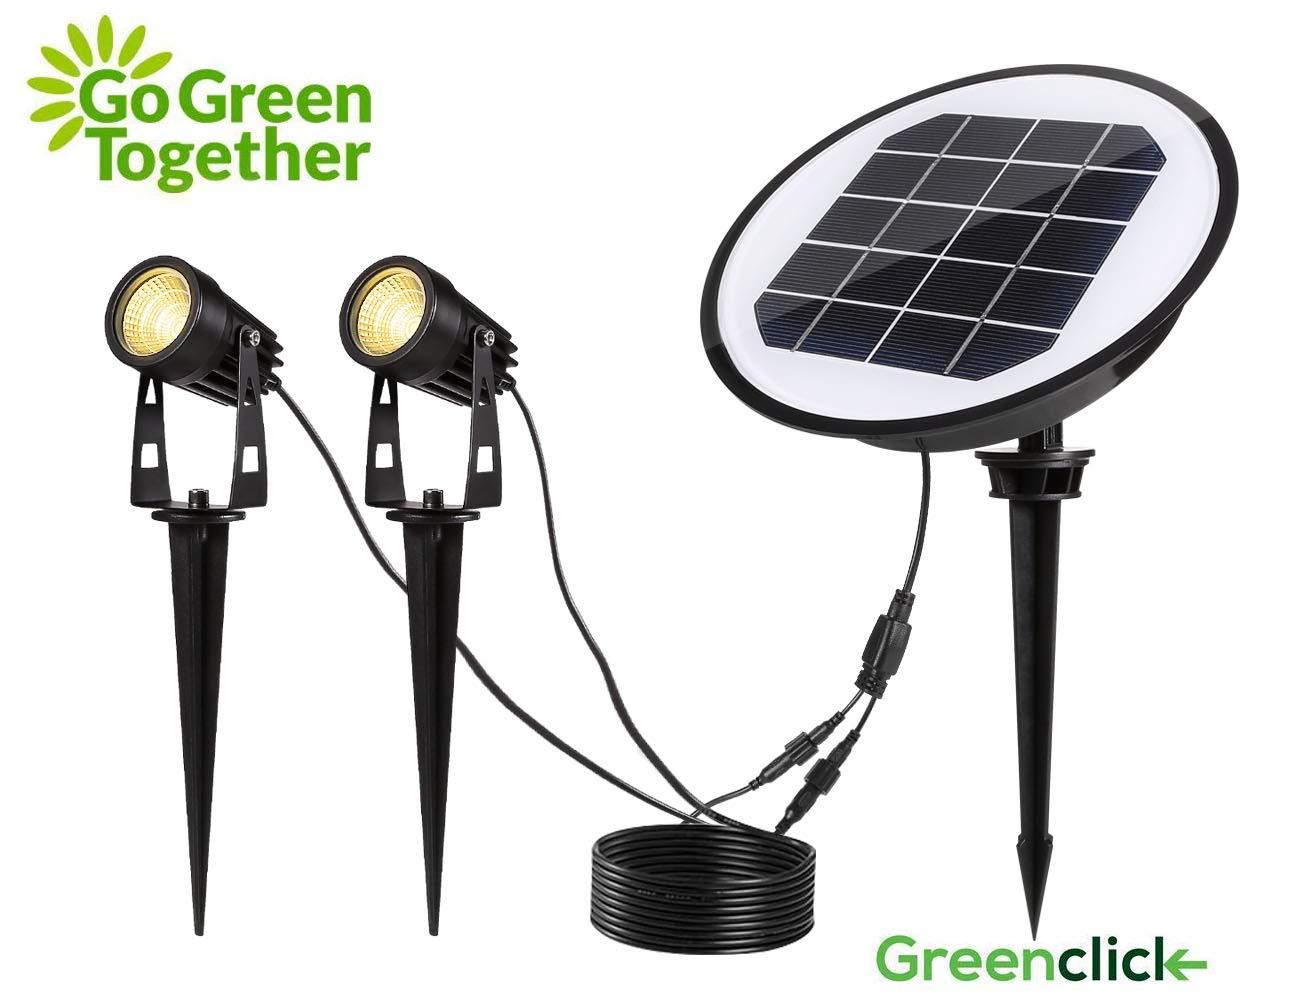 GreenClick Iluminaci/ón de Jard/ín con Espiga de Tierra Foco Blanco C/álido L/ámpara y Iluminaci/ón de Spot Luz de C/ésped Luz de Jard/ín IP65 LED Impermeable COB Proyector de Jard/ín con Enchufe